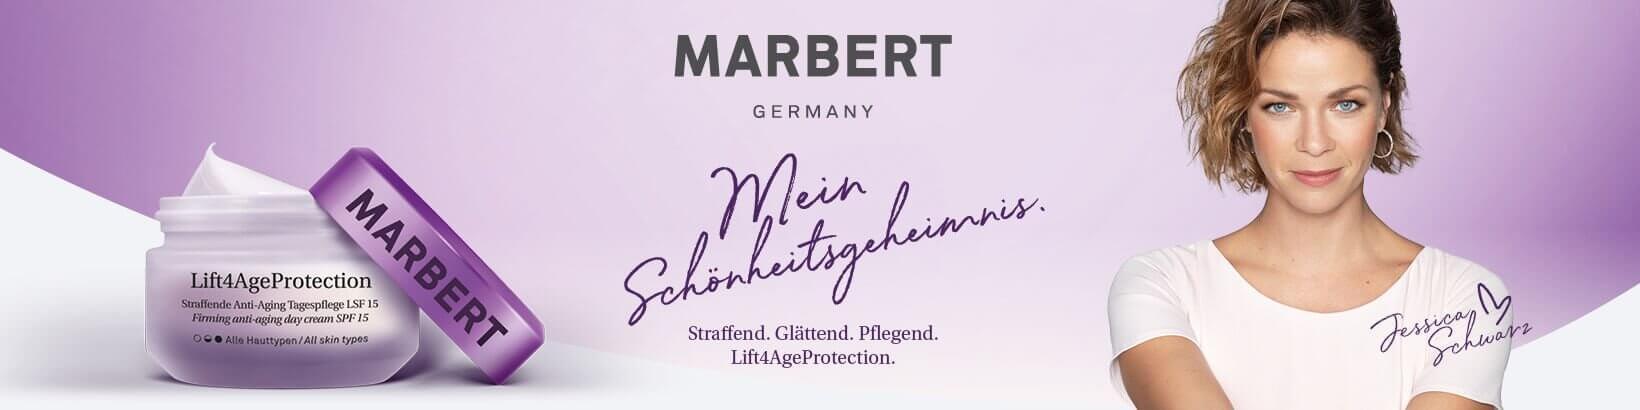 Jetzt alle Produkte von MARBERT entdecken!